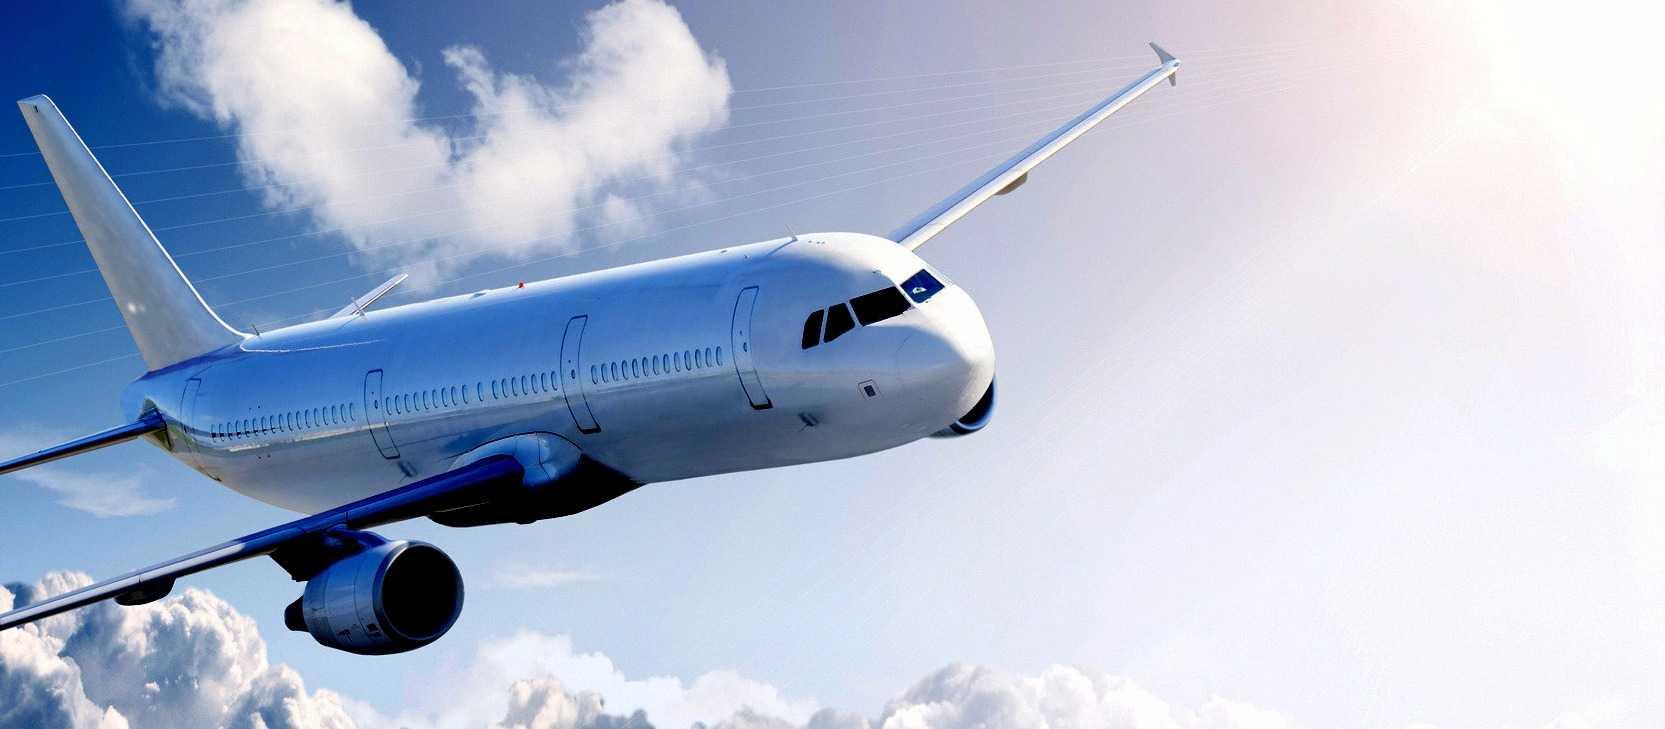 GE предлагает использовать блокчейн в управлении воздушными перевозками